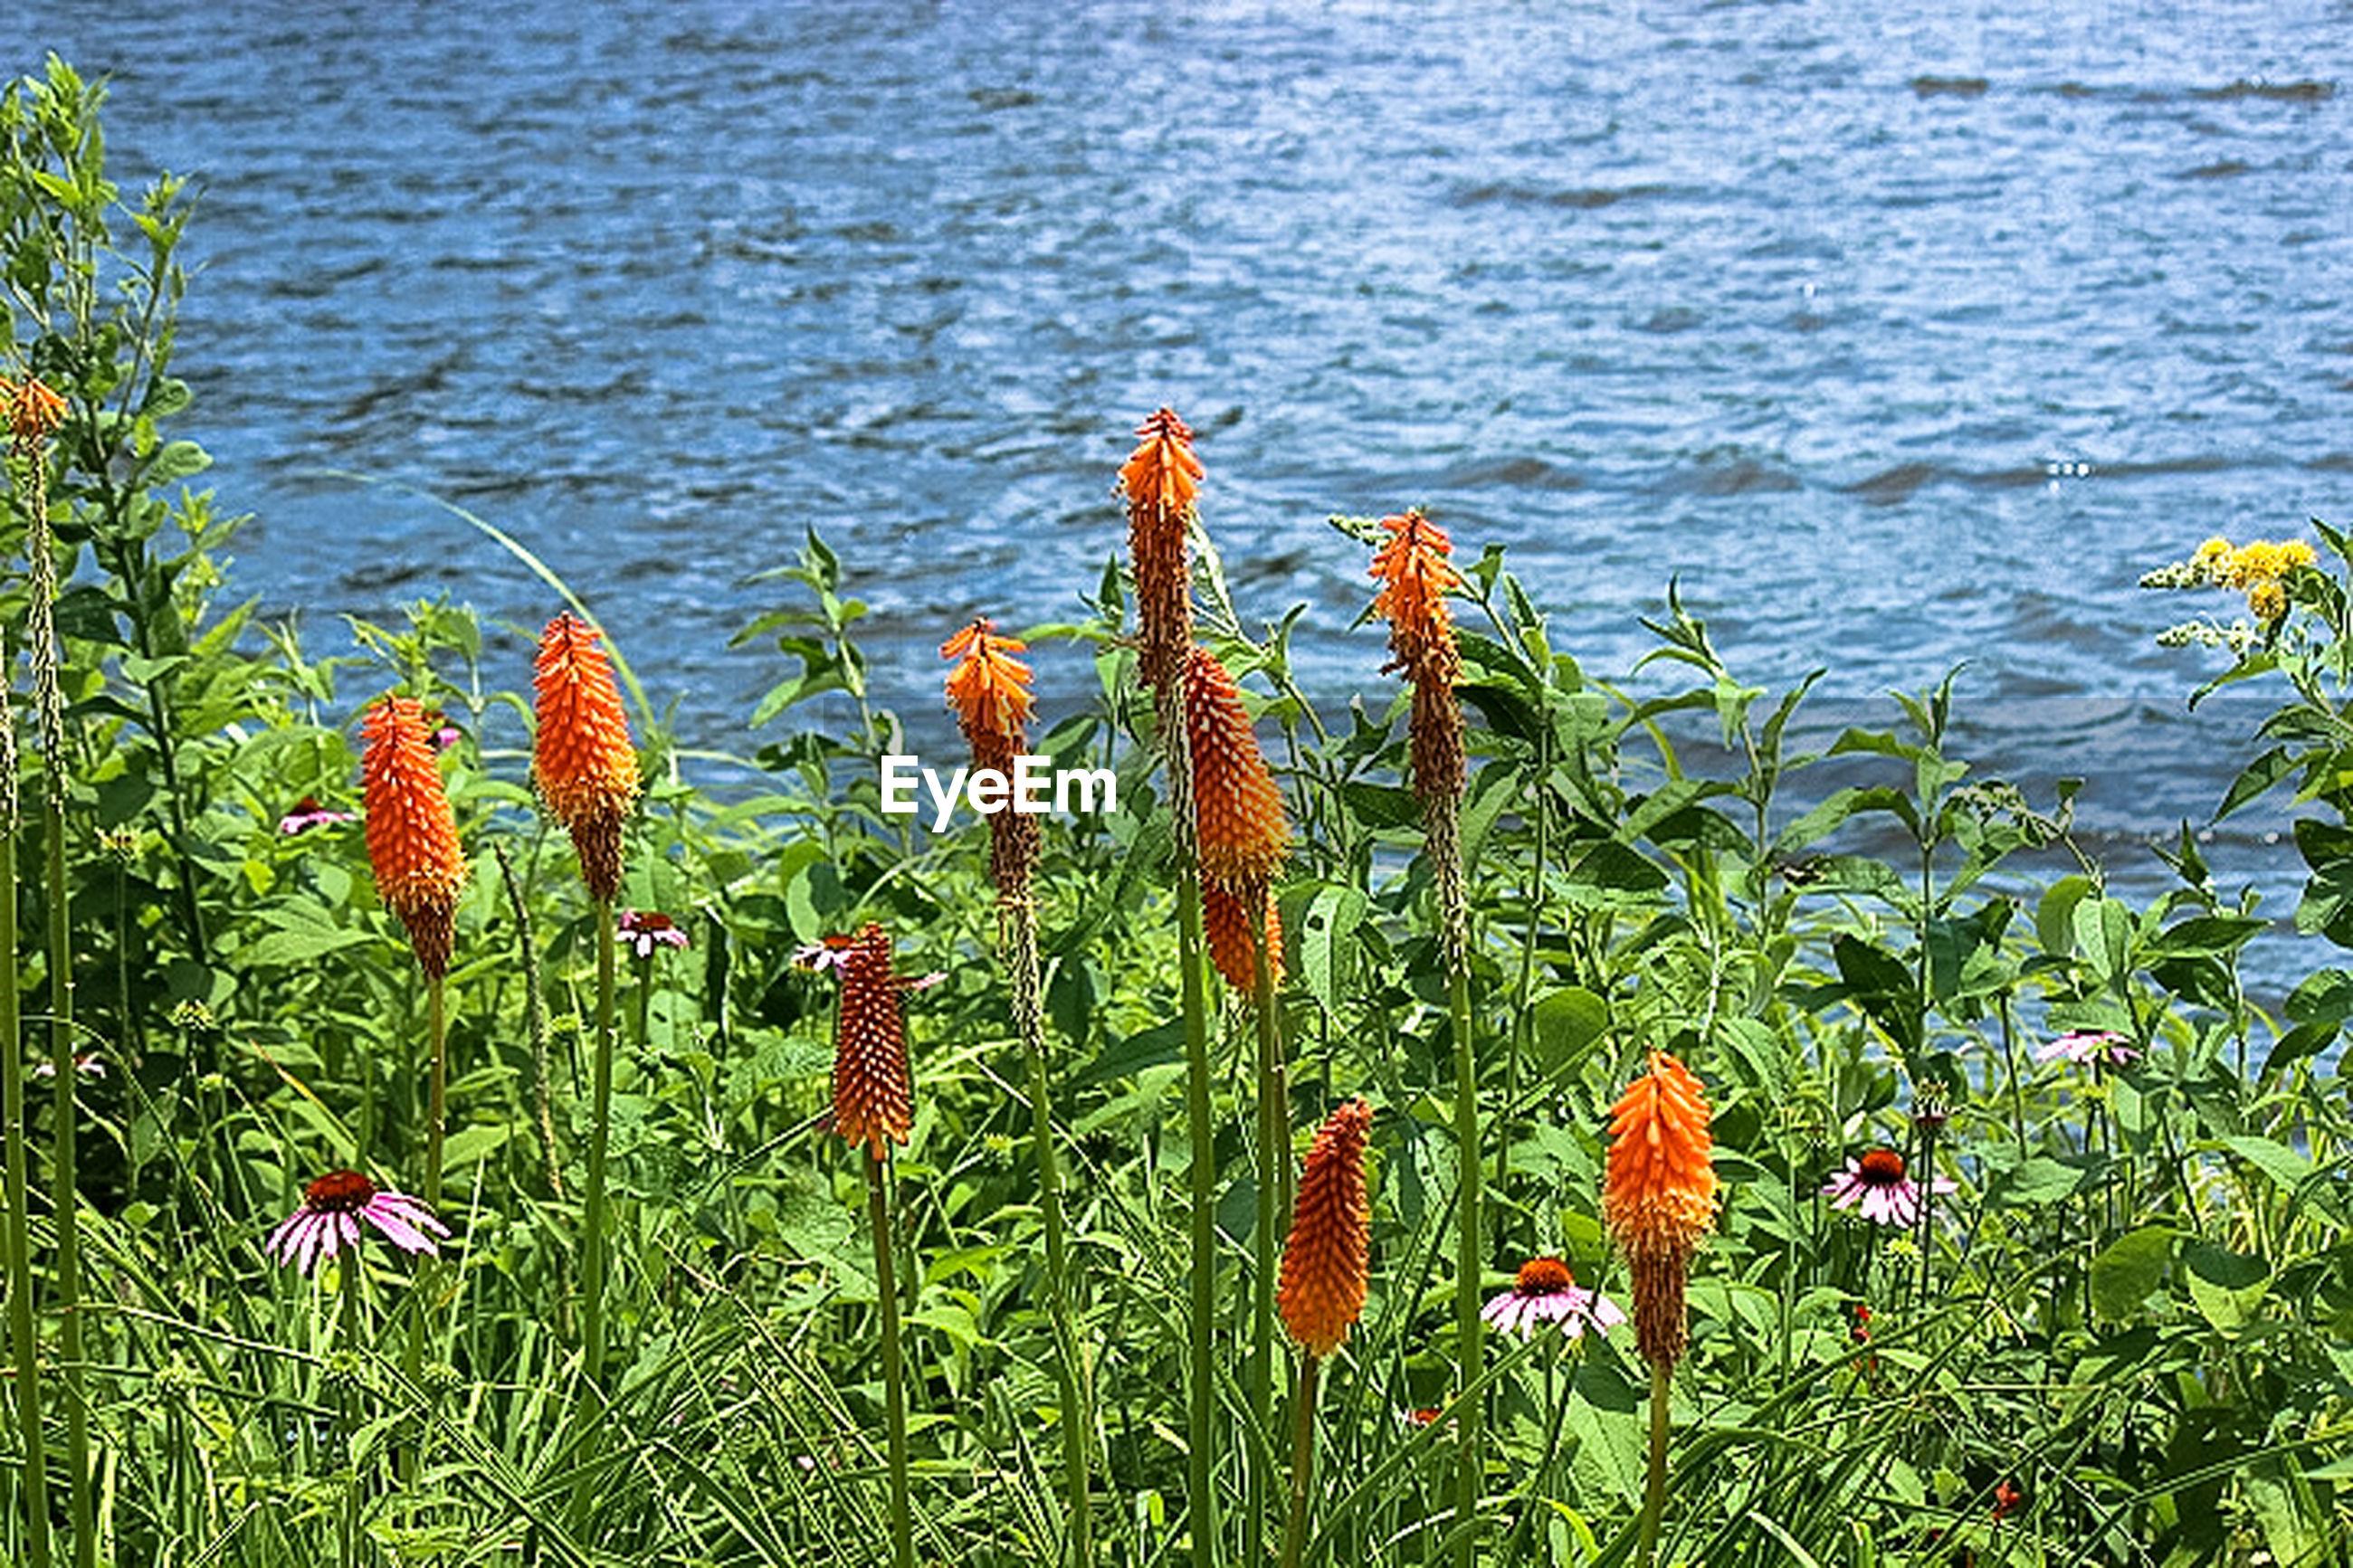 FLOWERS GROWING IN PARK